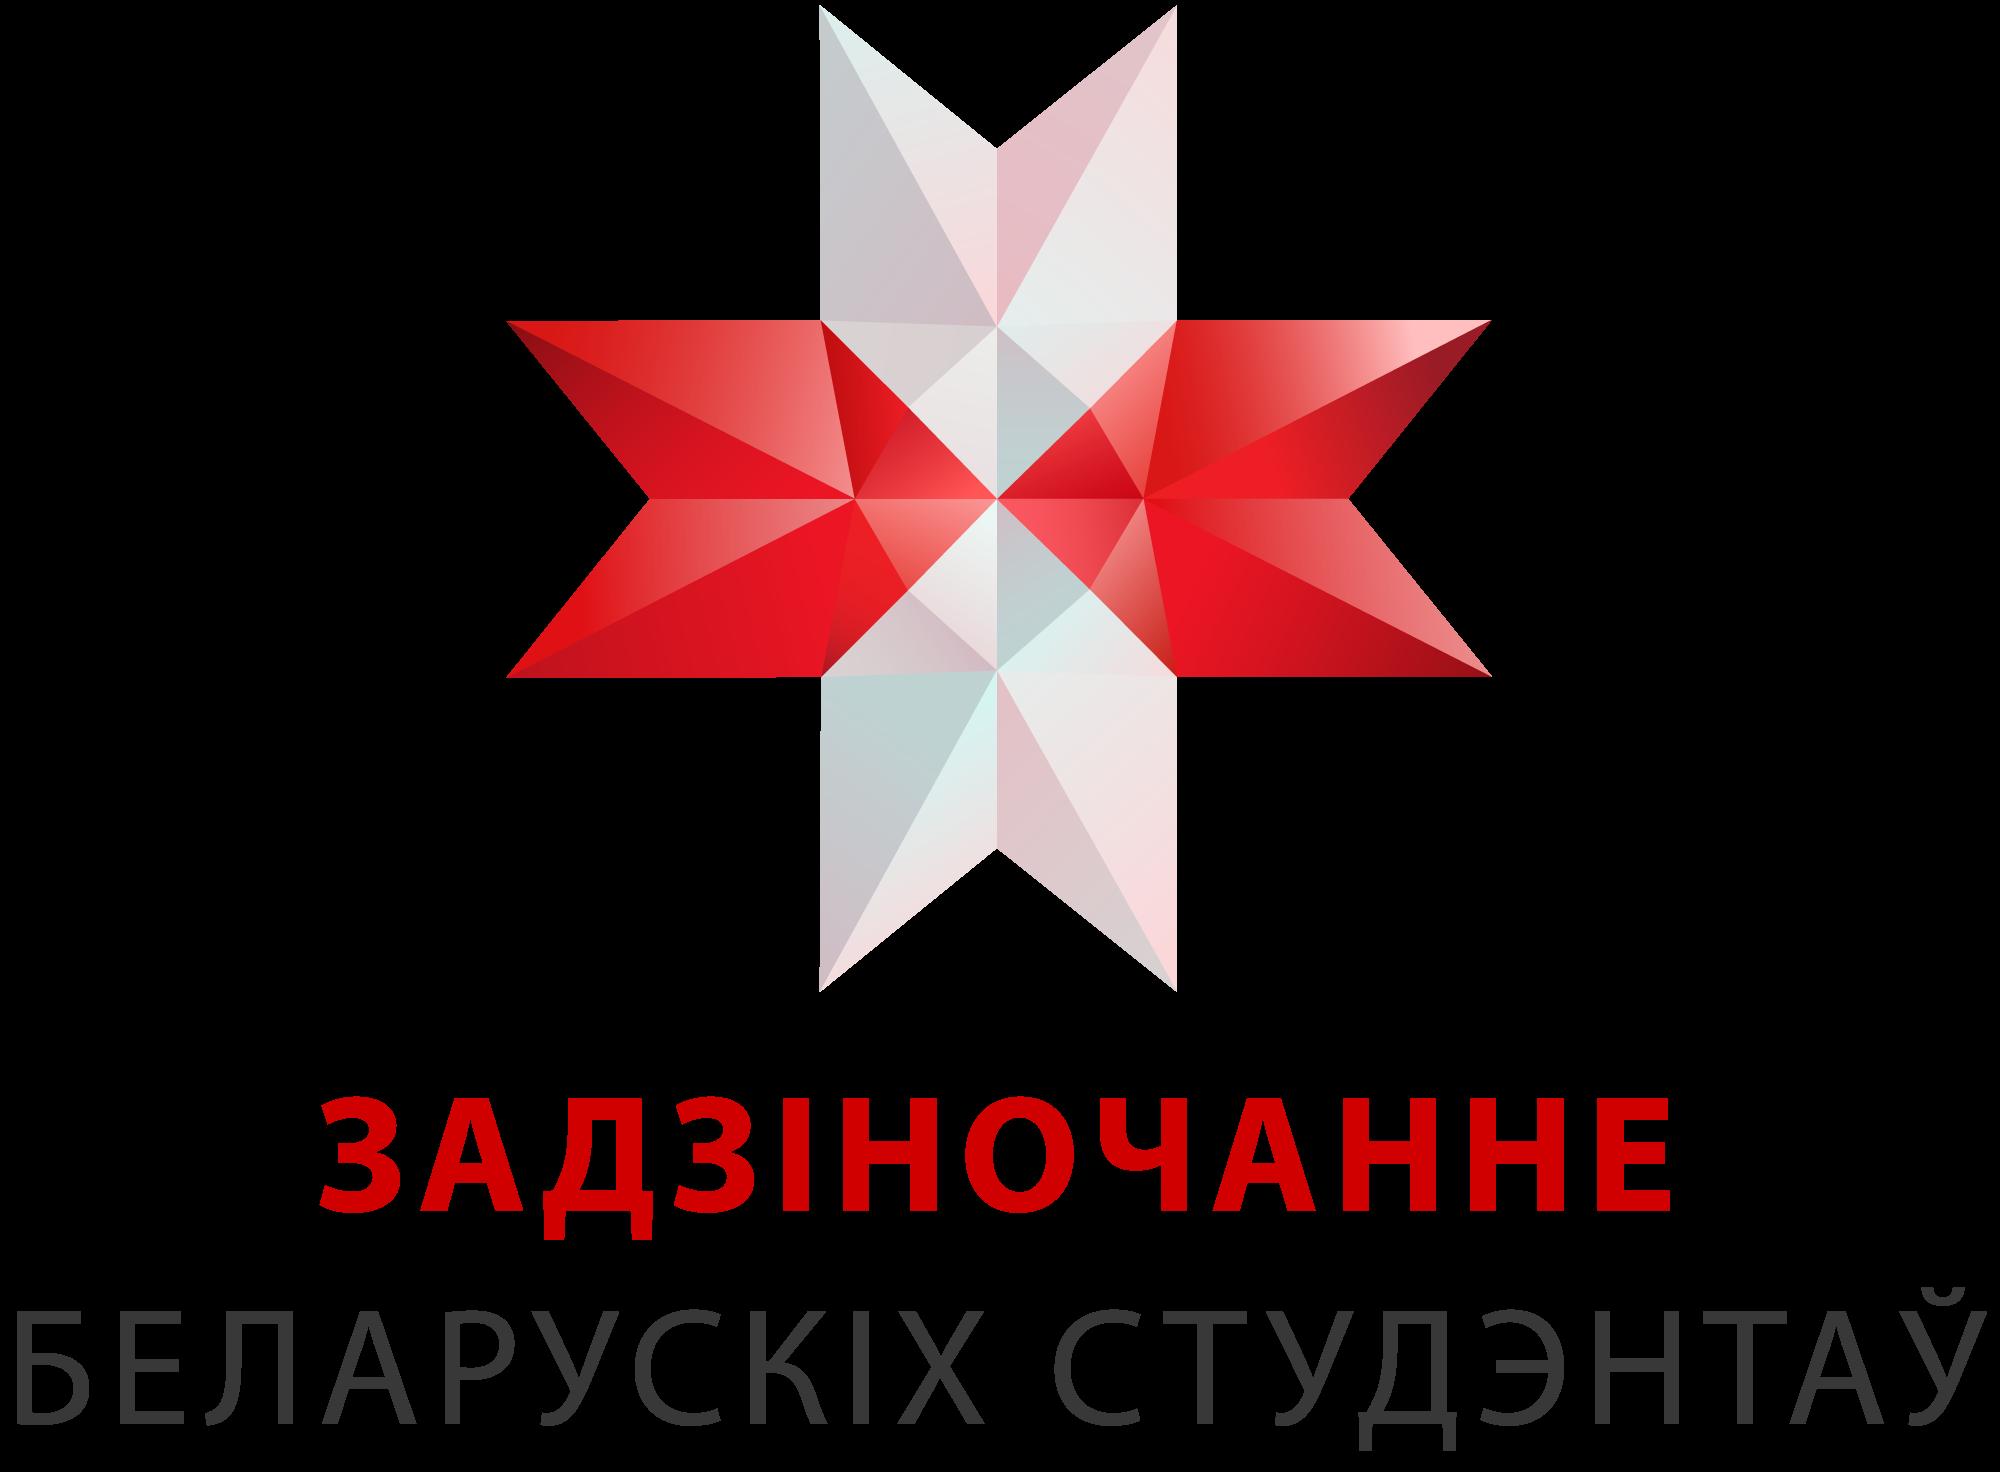 Belarus – BSA – Belarusian Students' Association